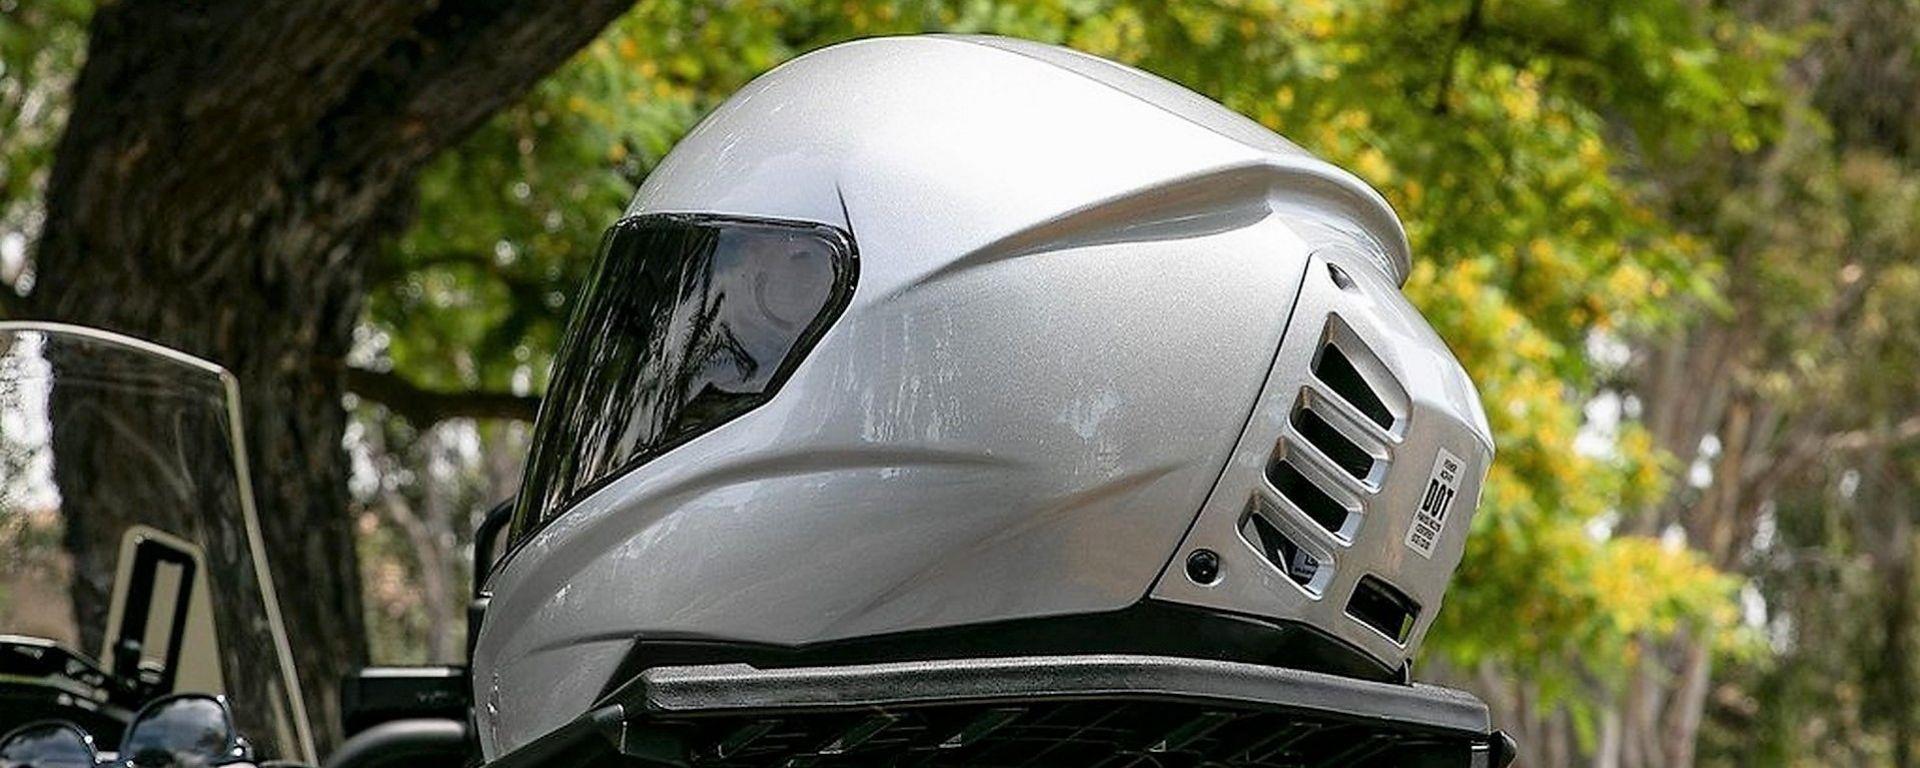 Feher ACH-1: è in vendita il casco con l'aria condizionata